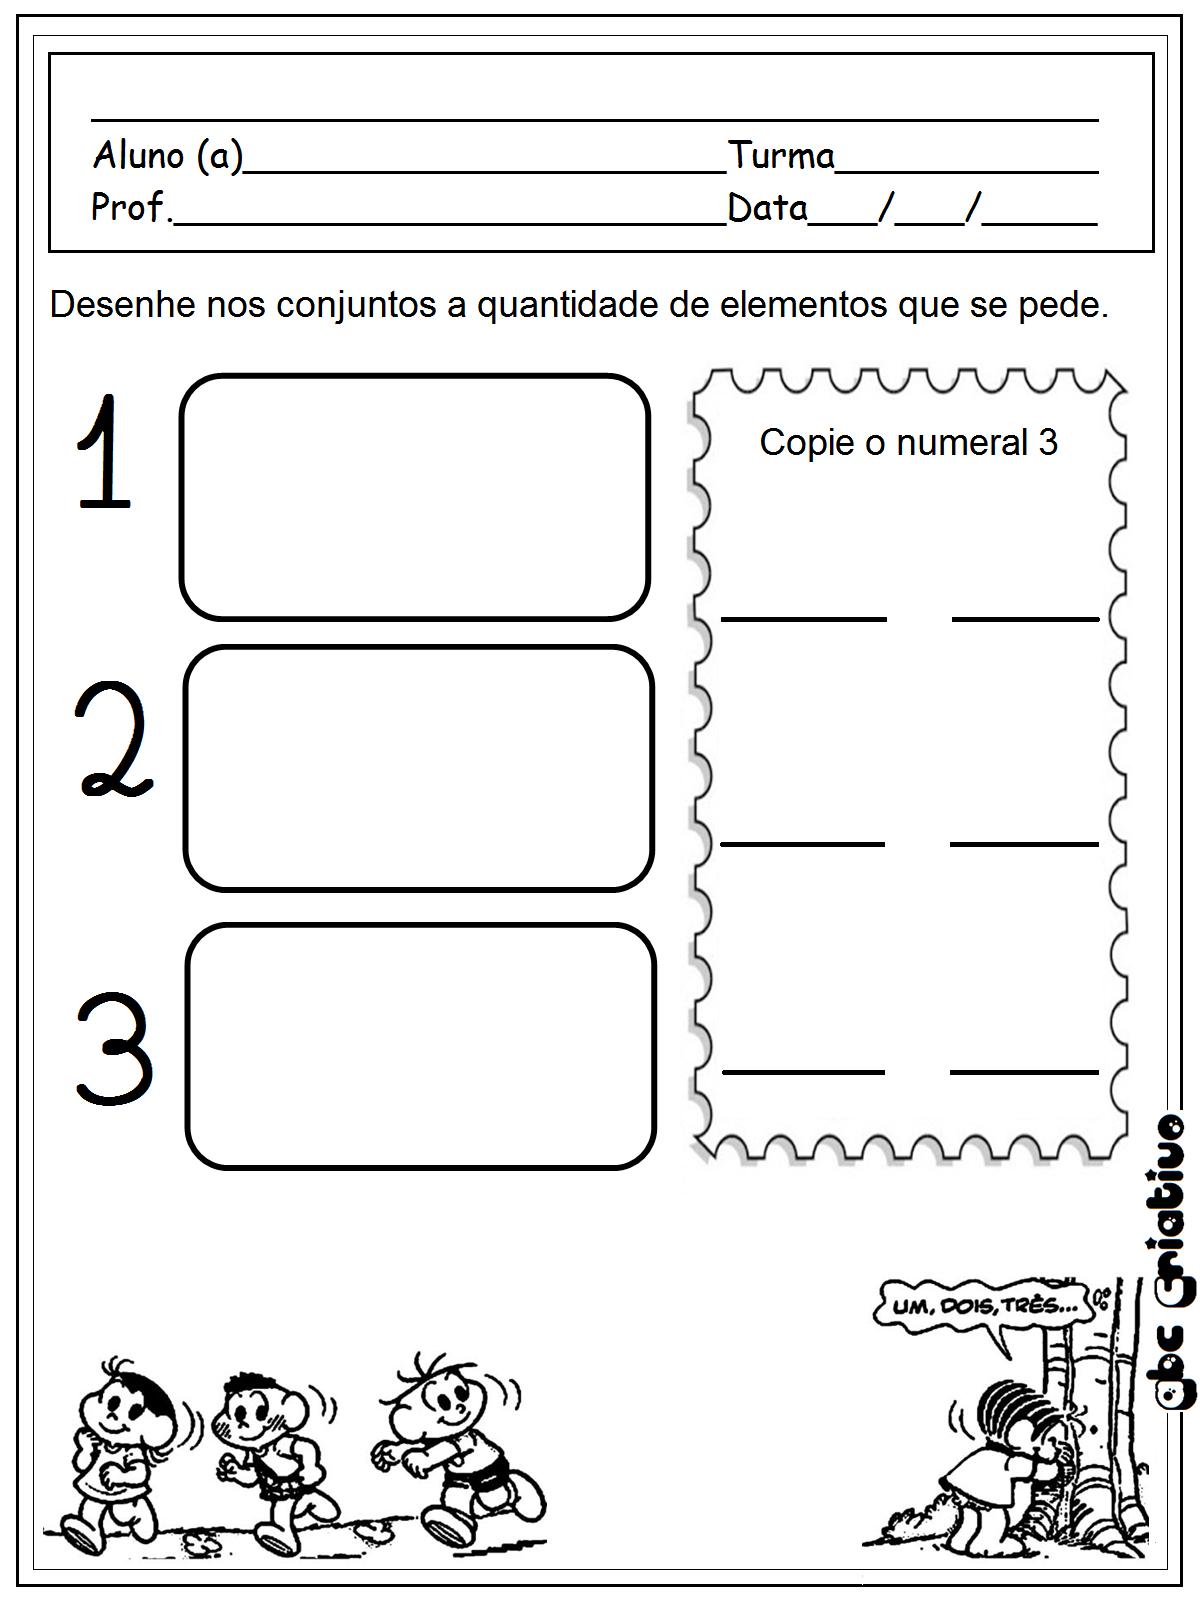 Super ATIVIDADES DE EDUCAÇÃO INFANTIL E MUSICALIZAÇÃO INFANTIL  FI35